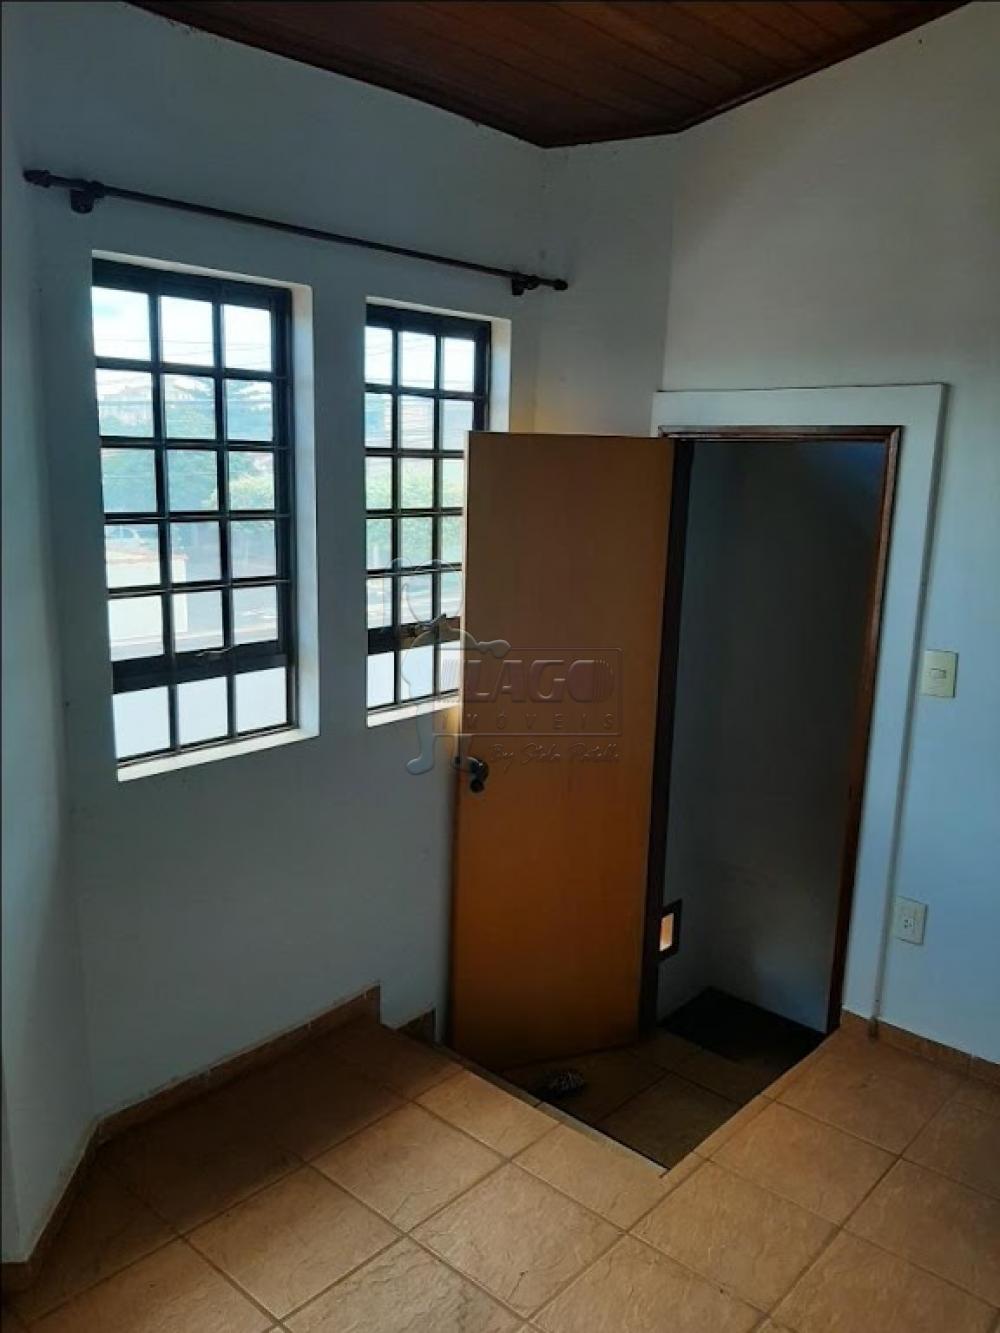 Comprar Casas / Padrão em Ribeirão Preto apenas R$ 490.000,00 - Foto 4